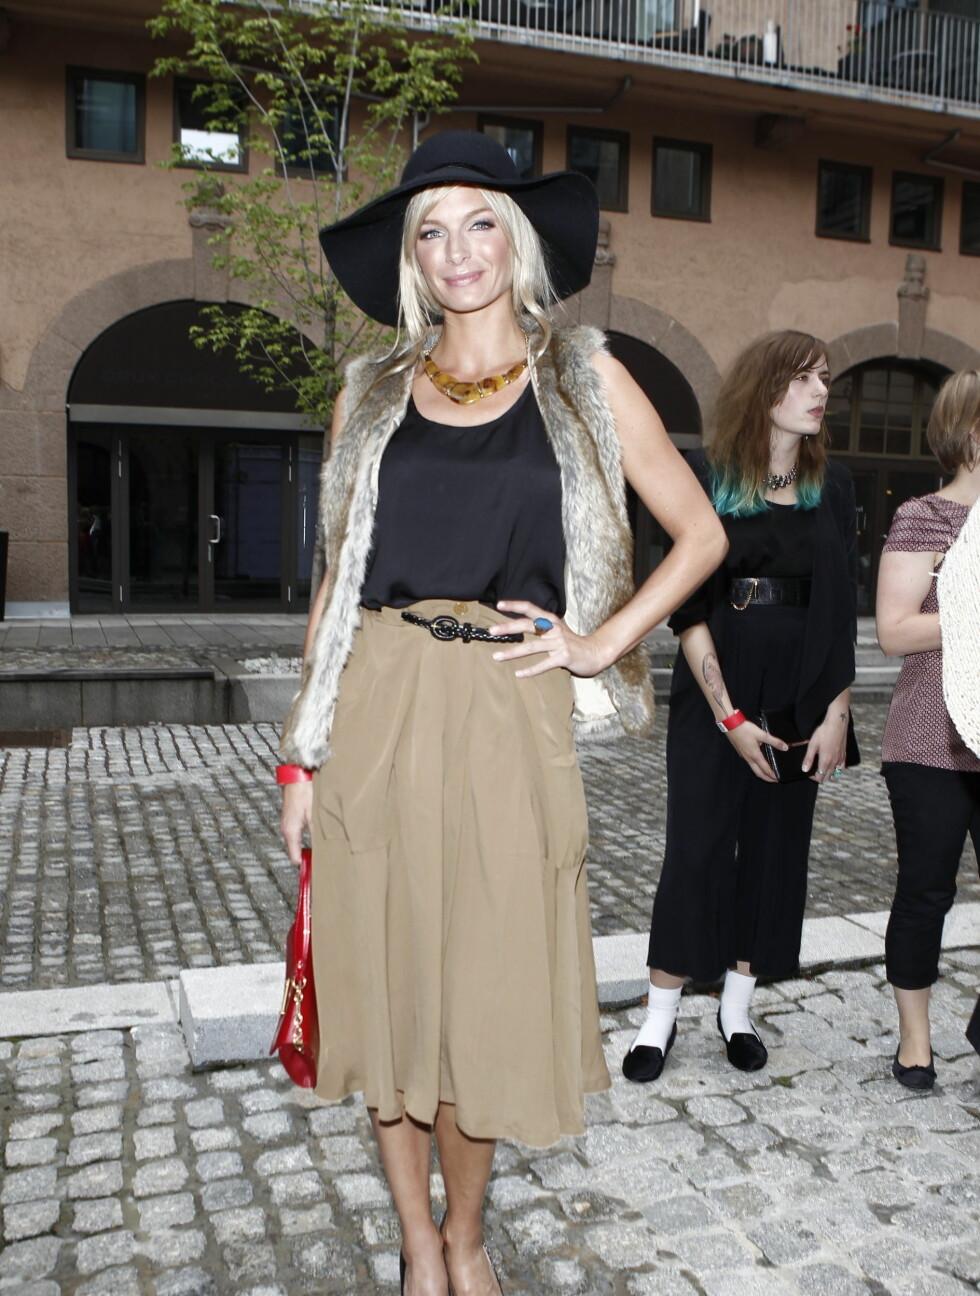 MÅ KOMME SEG VIDERE: Programleder og modell Katrine Sørland sier til Seher.no at hun har vansker med å ikke tenke på terrorangrepene. Hun understreker at samhold og ettertanke er viktig, men innrømmer at det er deilig å se folk smile igjen.  Foto: Stella Pictures